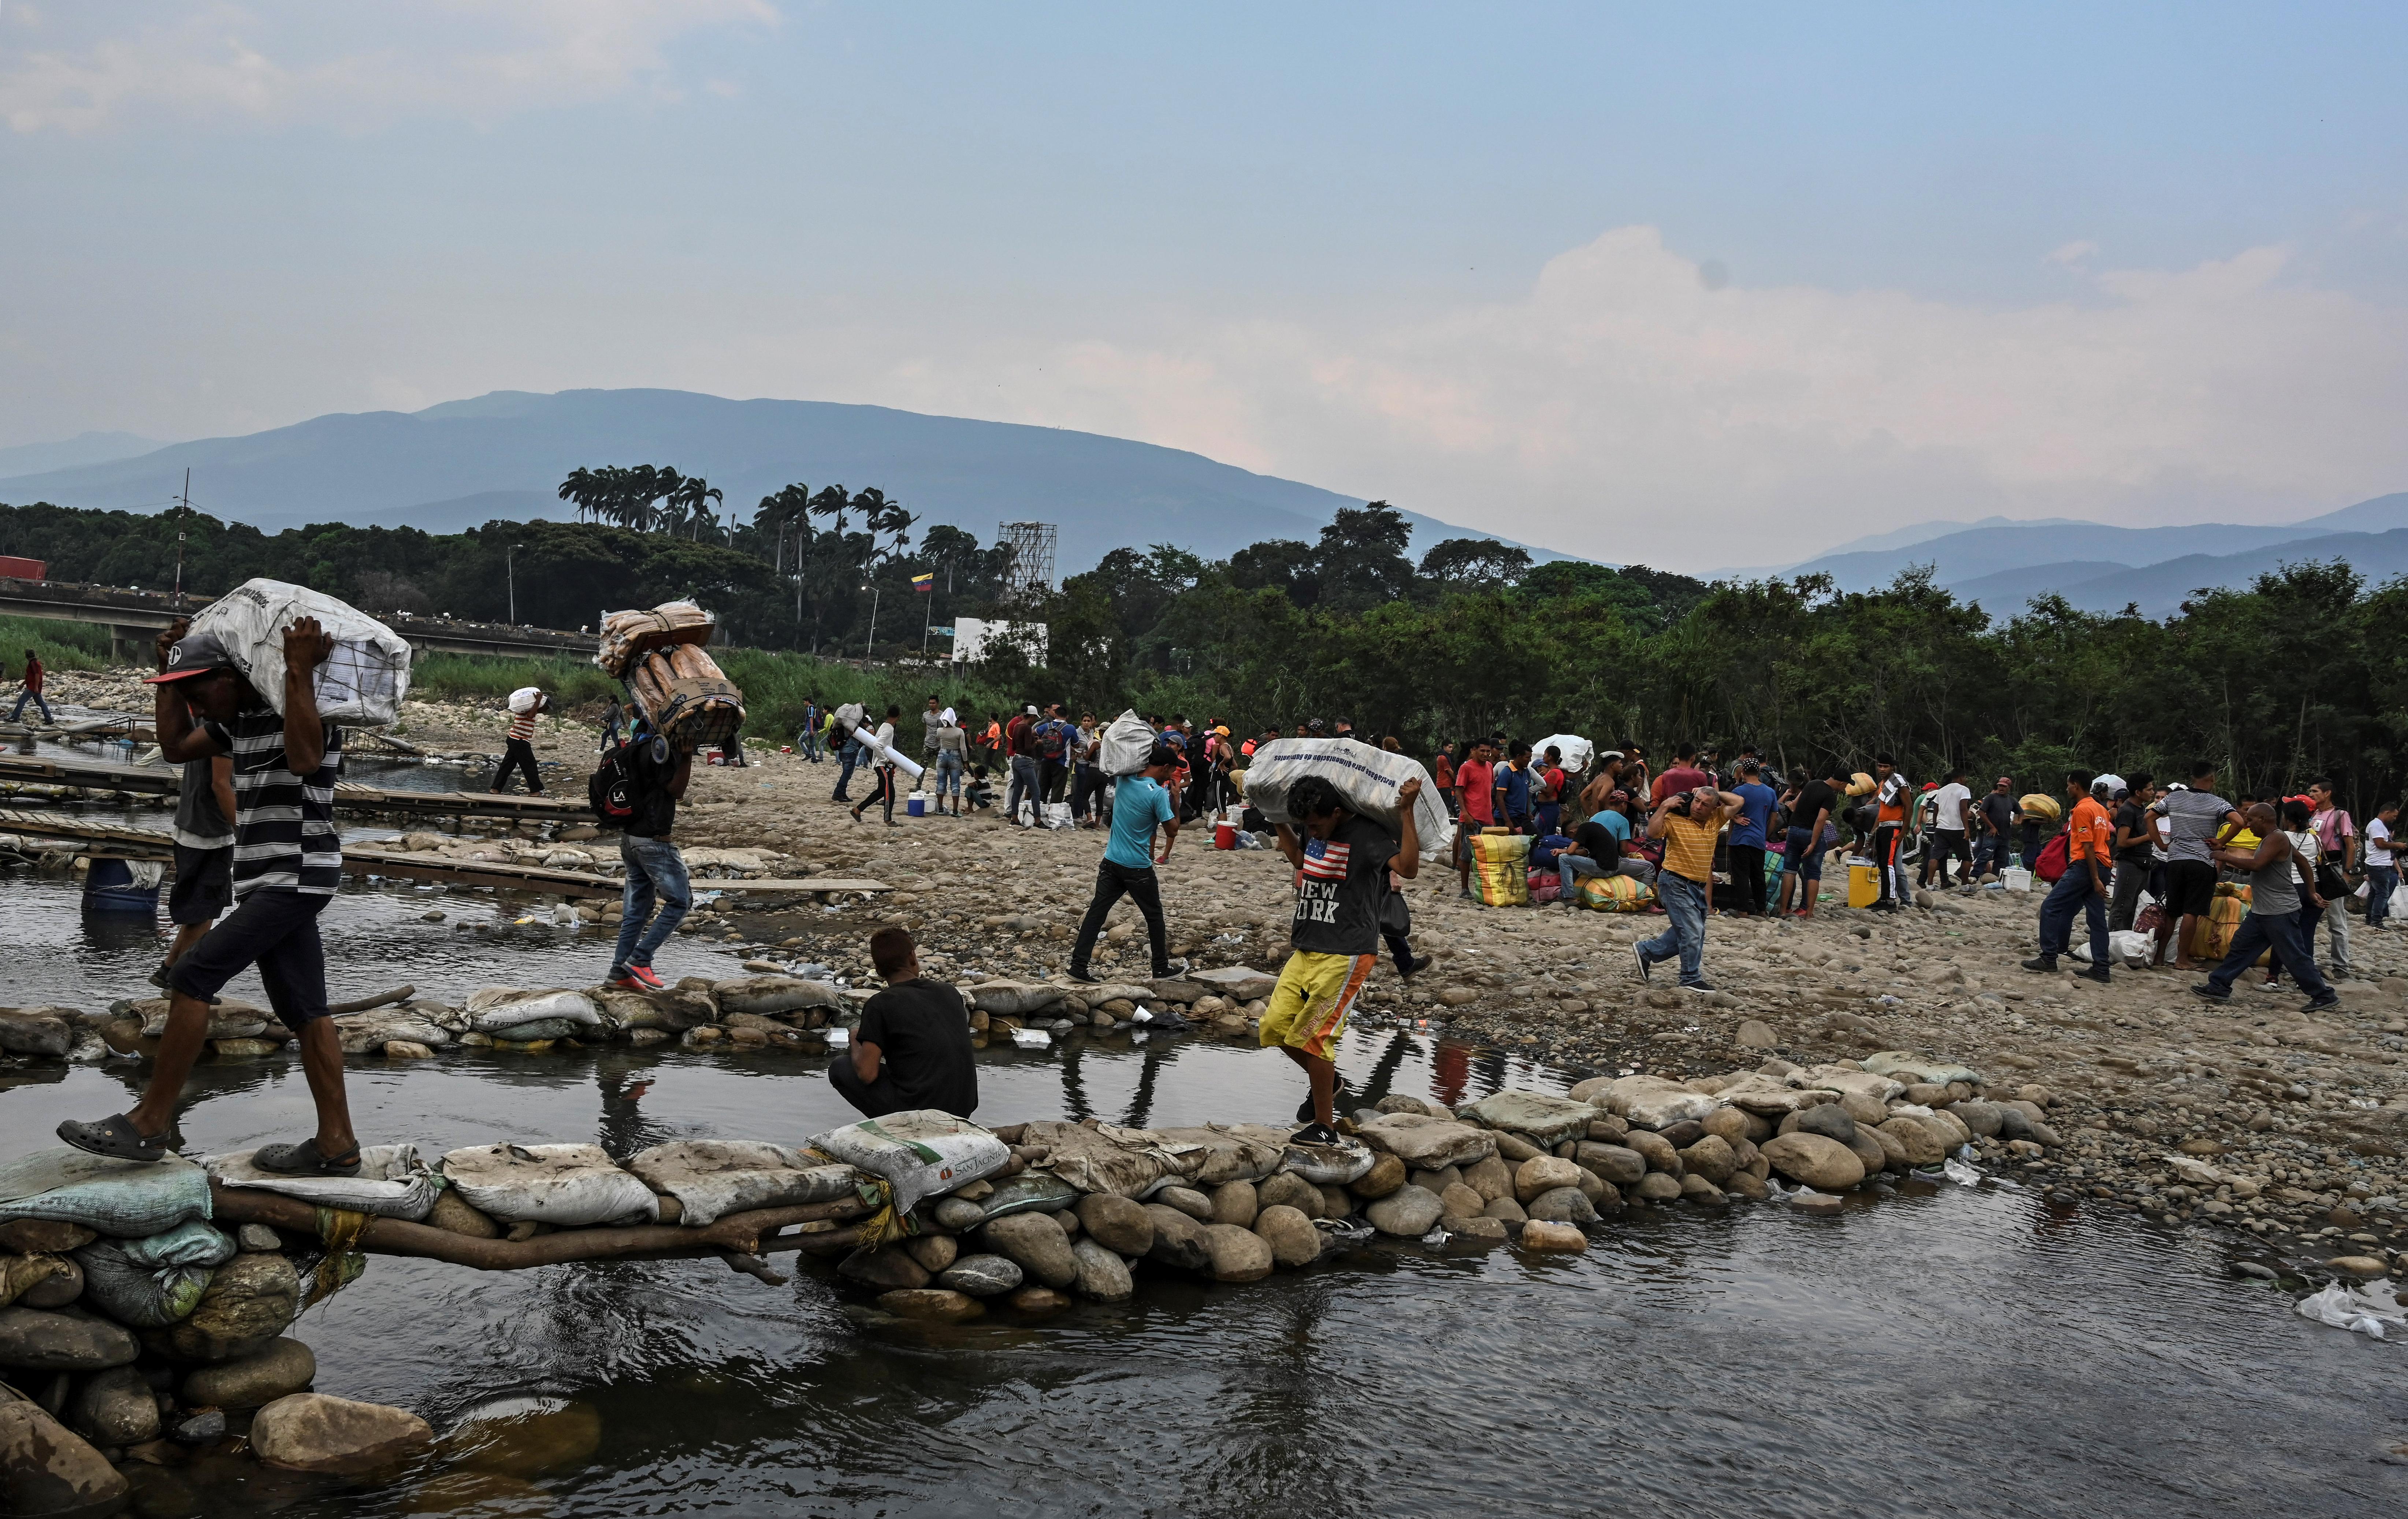 El paso de ciudadanos desde o hacia Venezuela es por caminos ilegales o trochas como se les conoce.